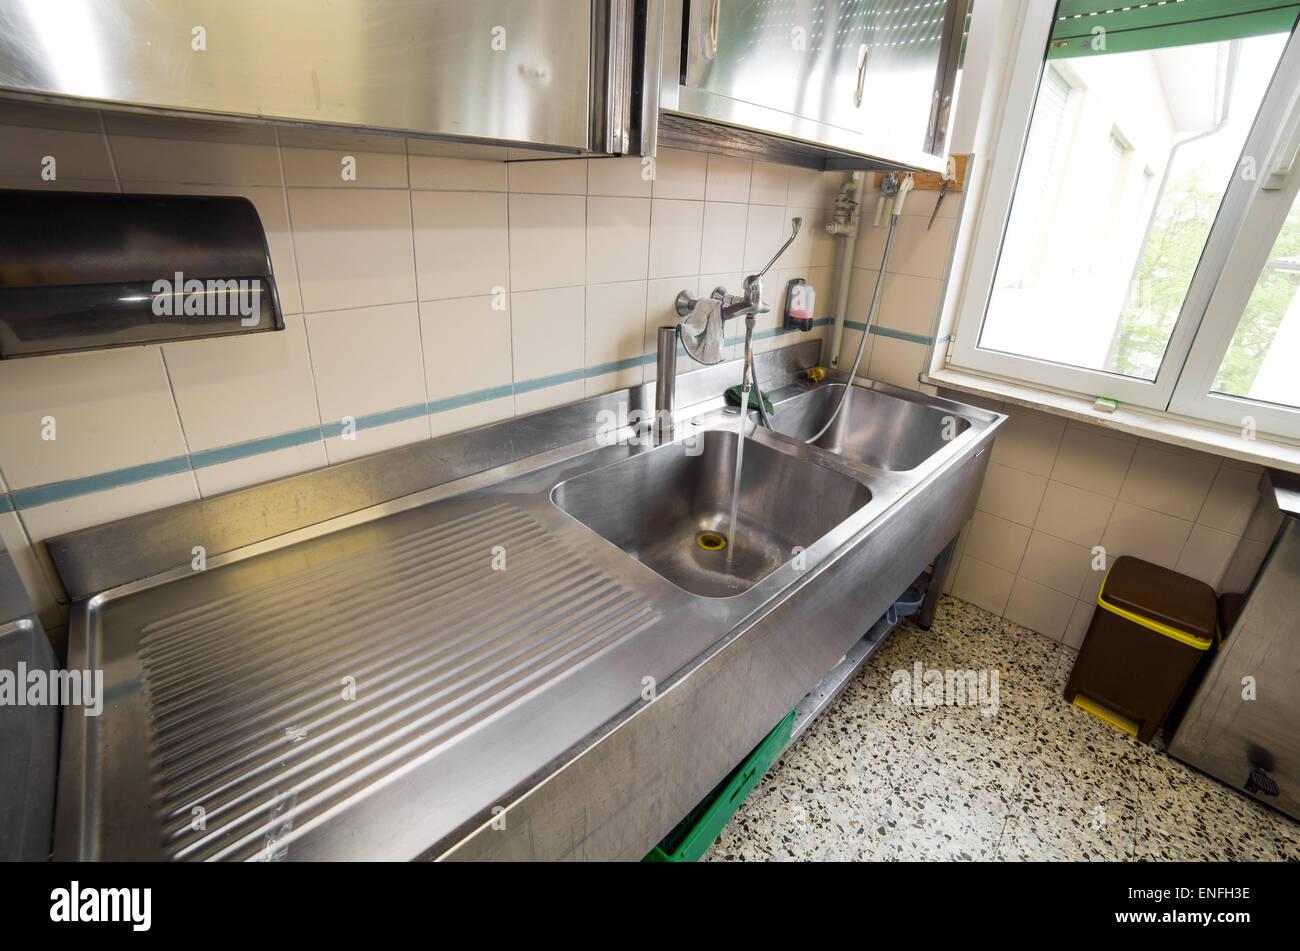 Grande Lavello In Acciaio Inox Cucina Industriale Con Rubinetto Aperto Foto Stock Alamy